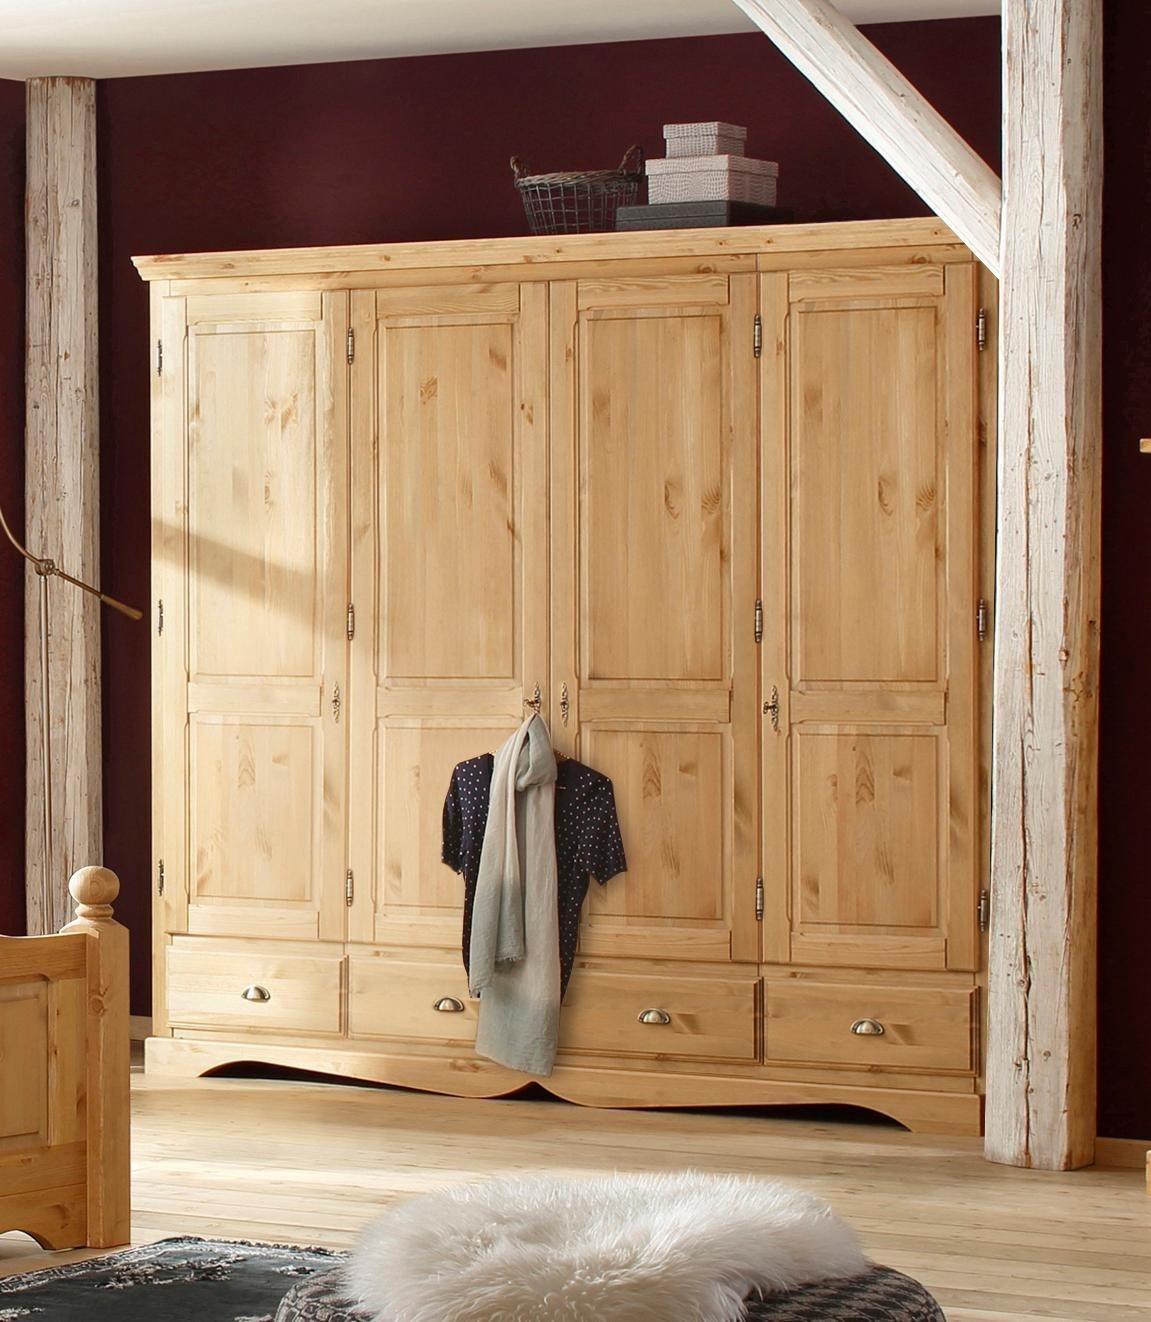 Home affaire Kleiderschrank »Teo«, in vier verschiedenen Breiten und zwei unterschiedlichen Farben | Schlafzimmer > Kleiderschränke > Drehtürenschränke | Glanz | Massiver | Home affaire